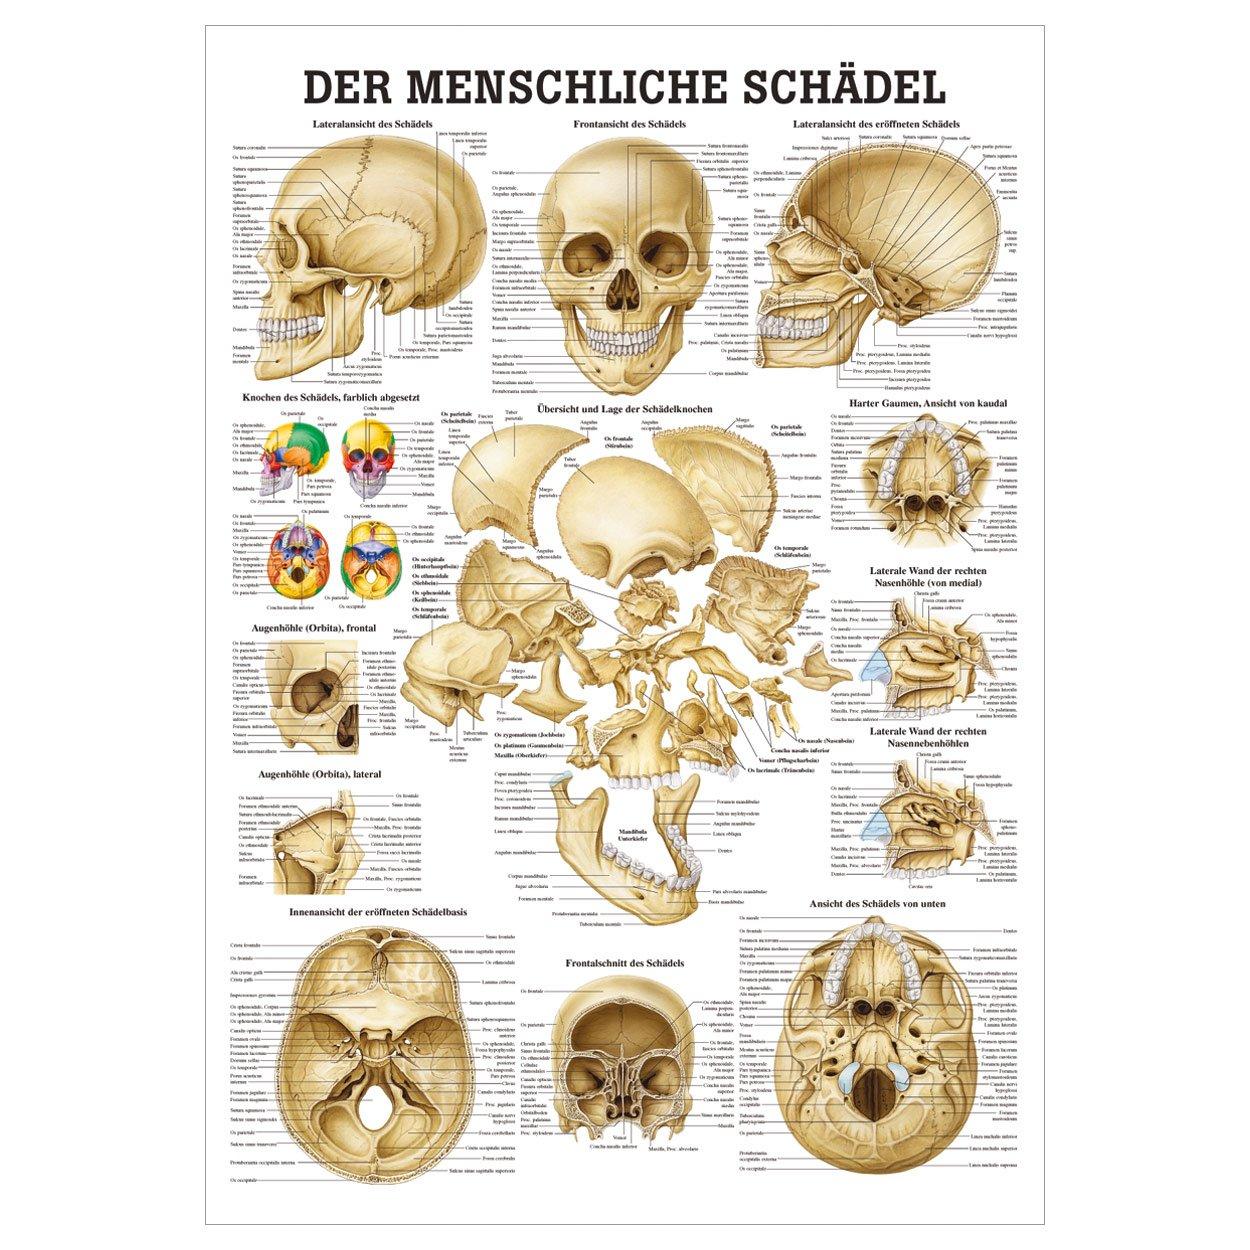 Fein Anatomie Der Schädelbasis Galerie - Menschliche Anatomie Bilder ...